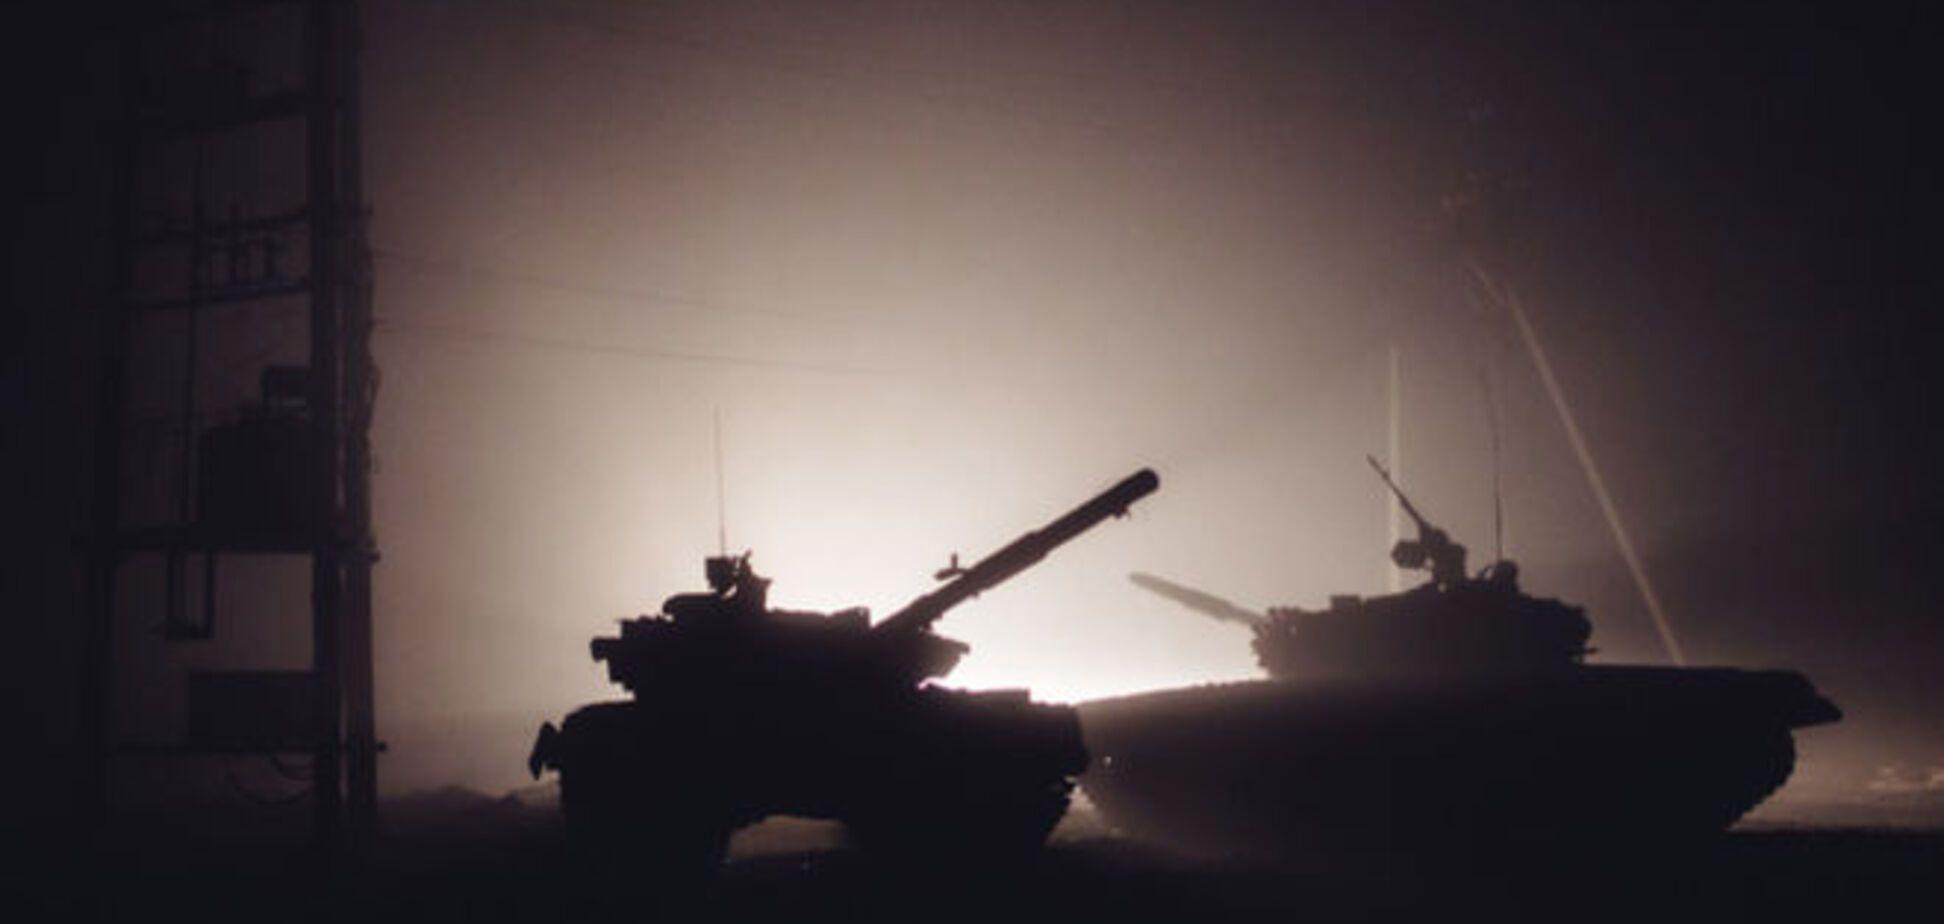 ОБСЕ: в ожесточенных боях вблизи донецкого аэропорта используют танки